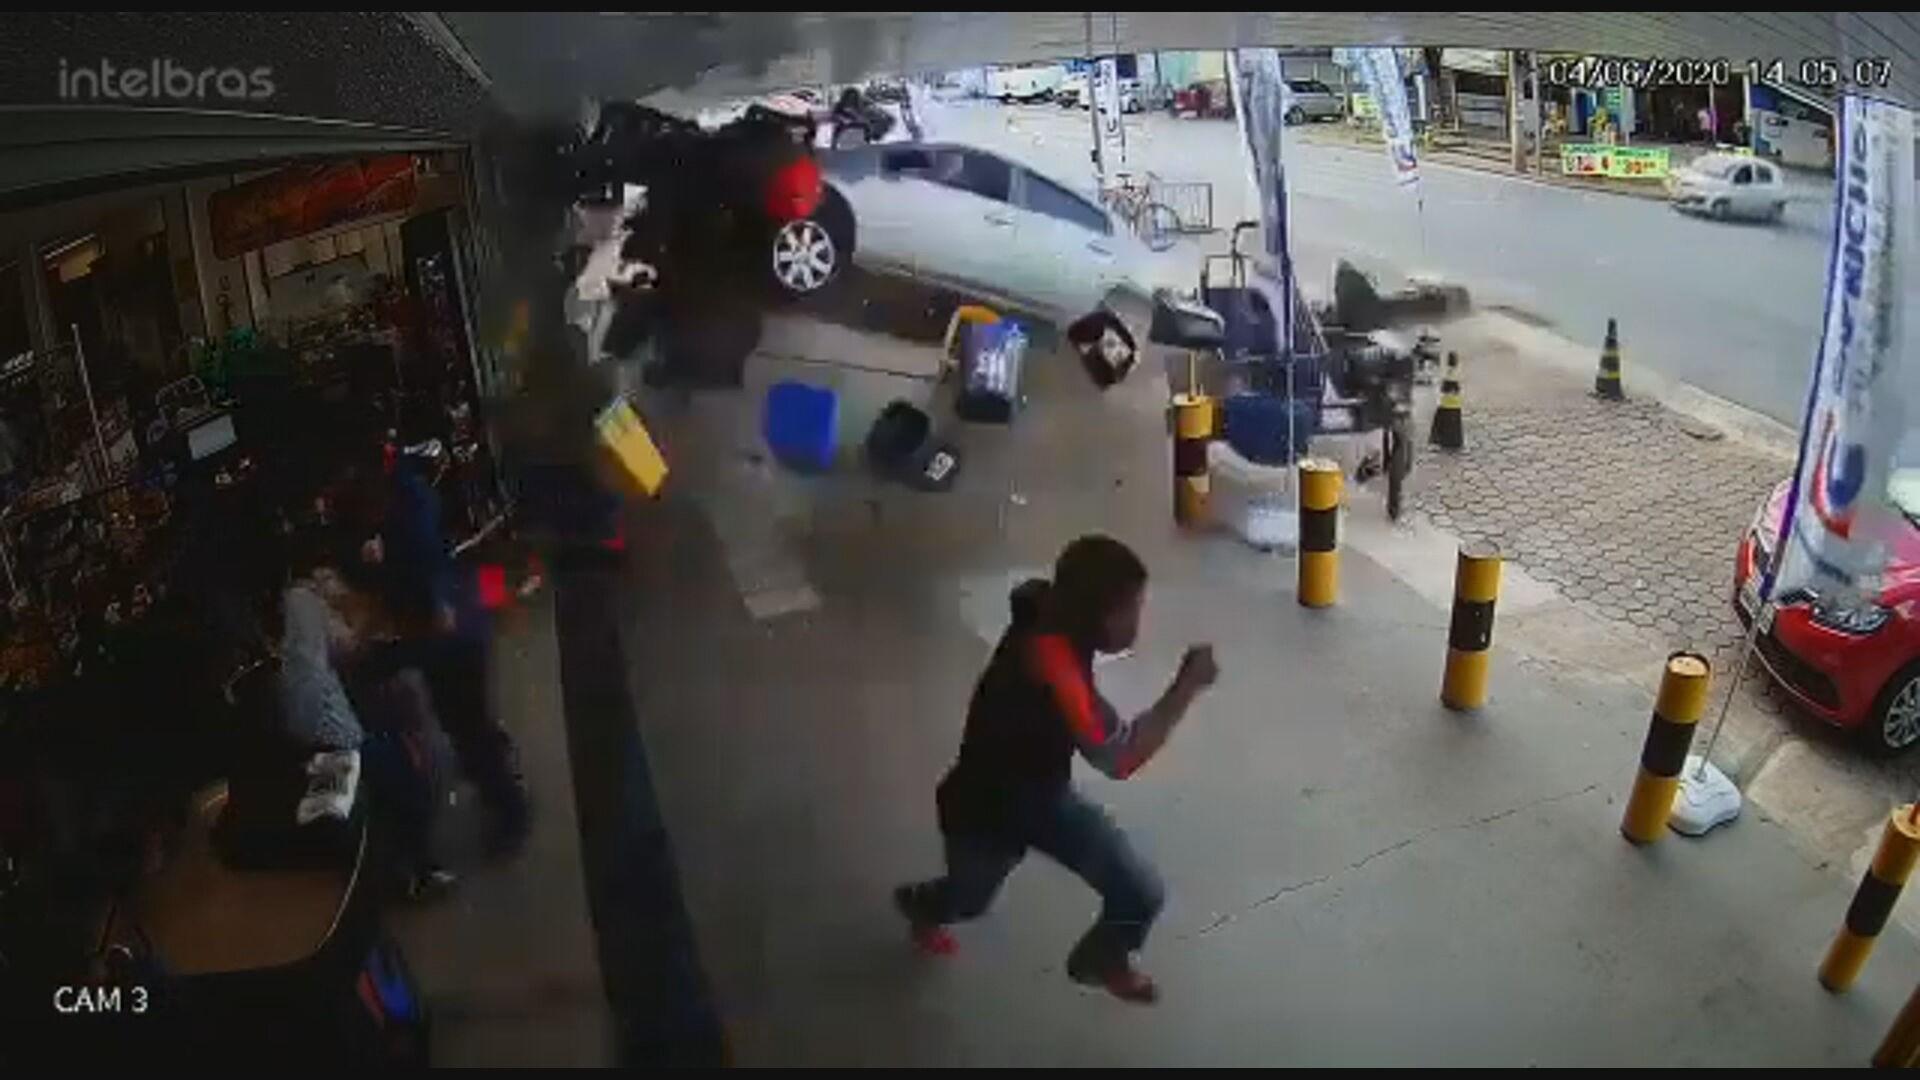 VÍDEO: carro desgovernado invade supermercado em Taguatinga, no DF